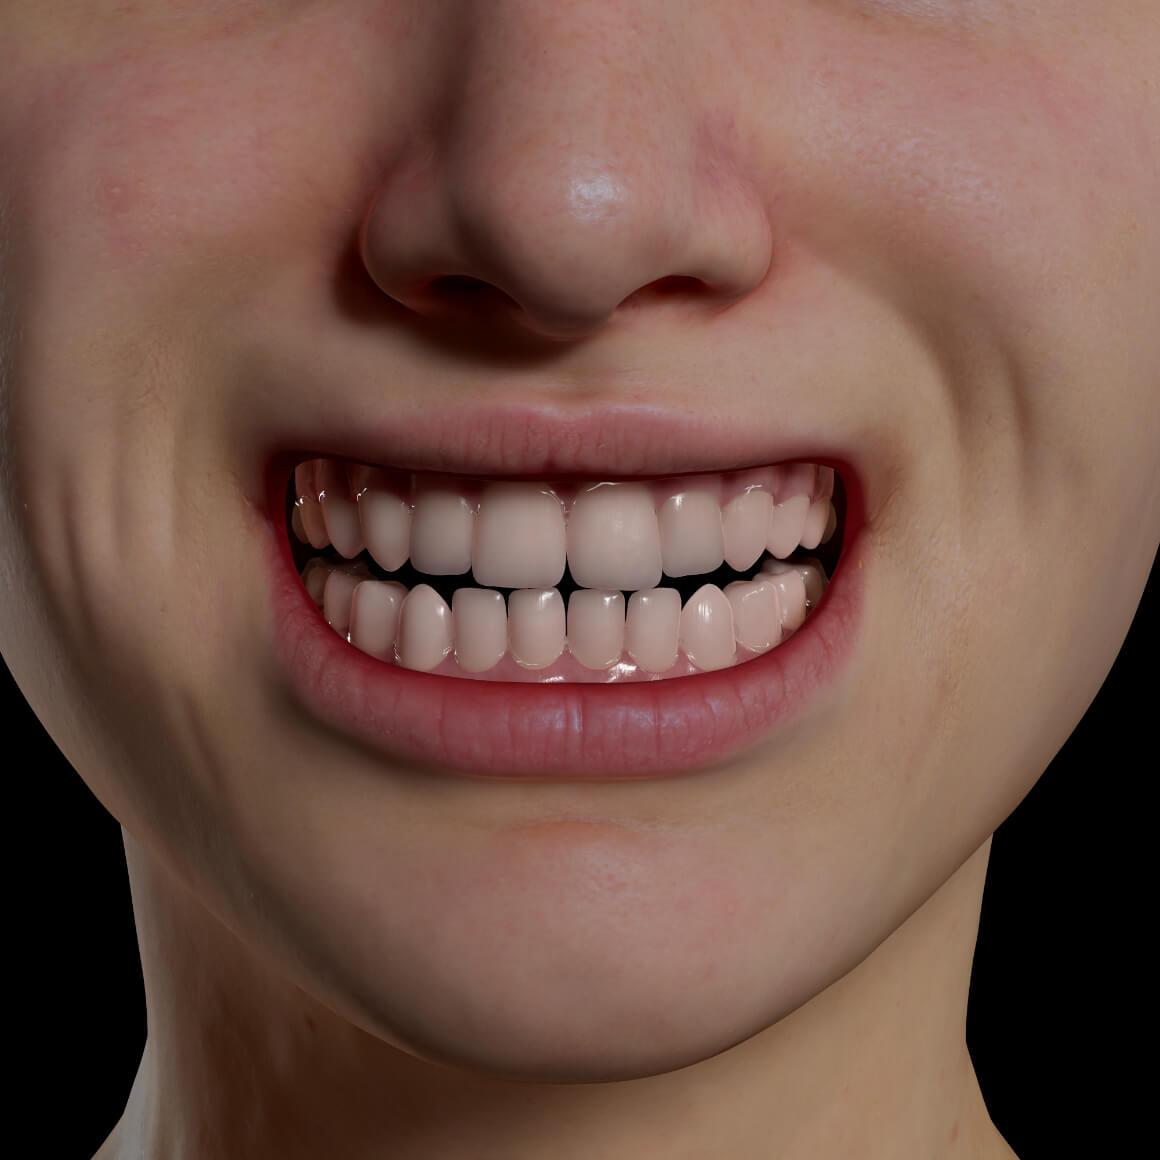 Sourire d'une patiente de la Clinique Chloé avec des dents droites après un traitement d'alignement dentaire Invisalign